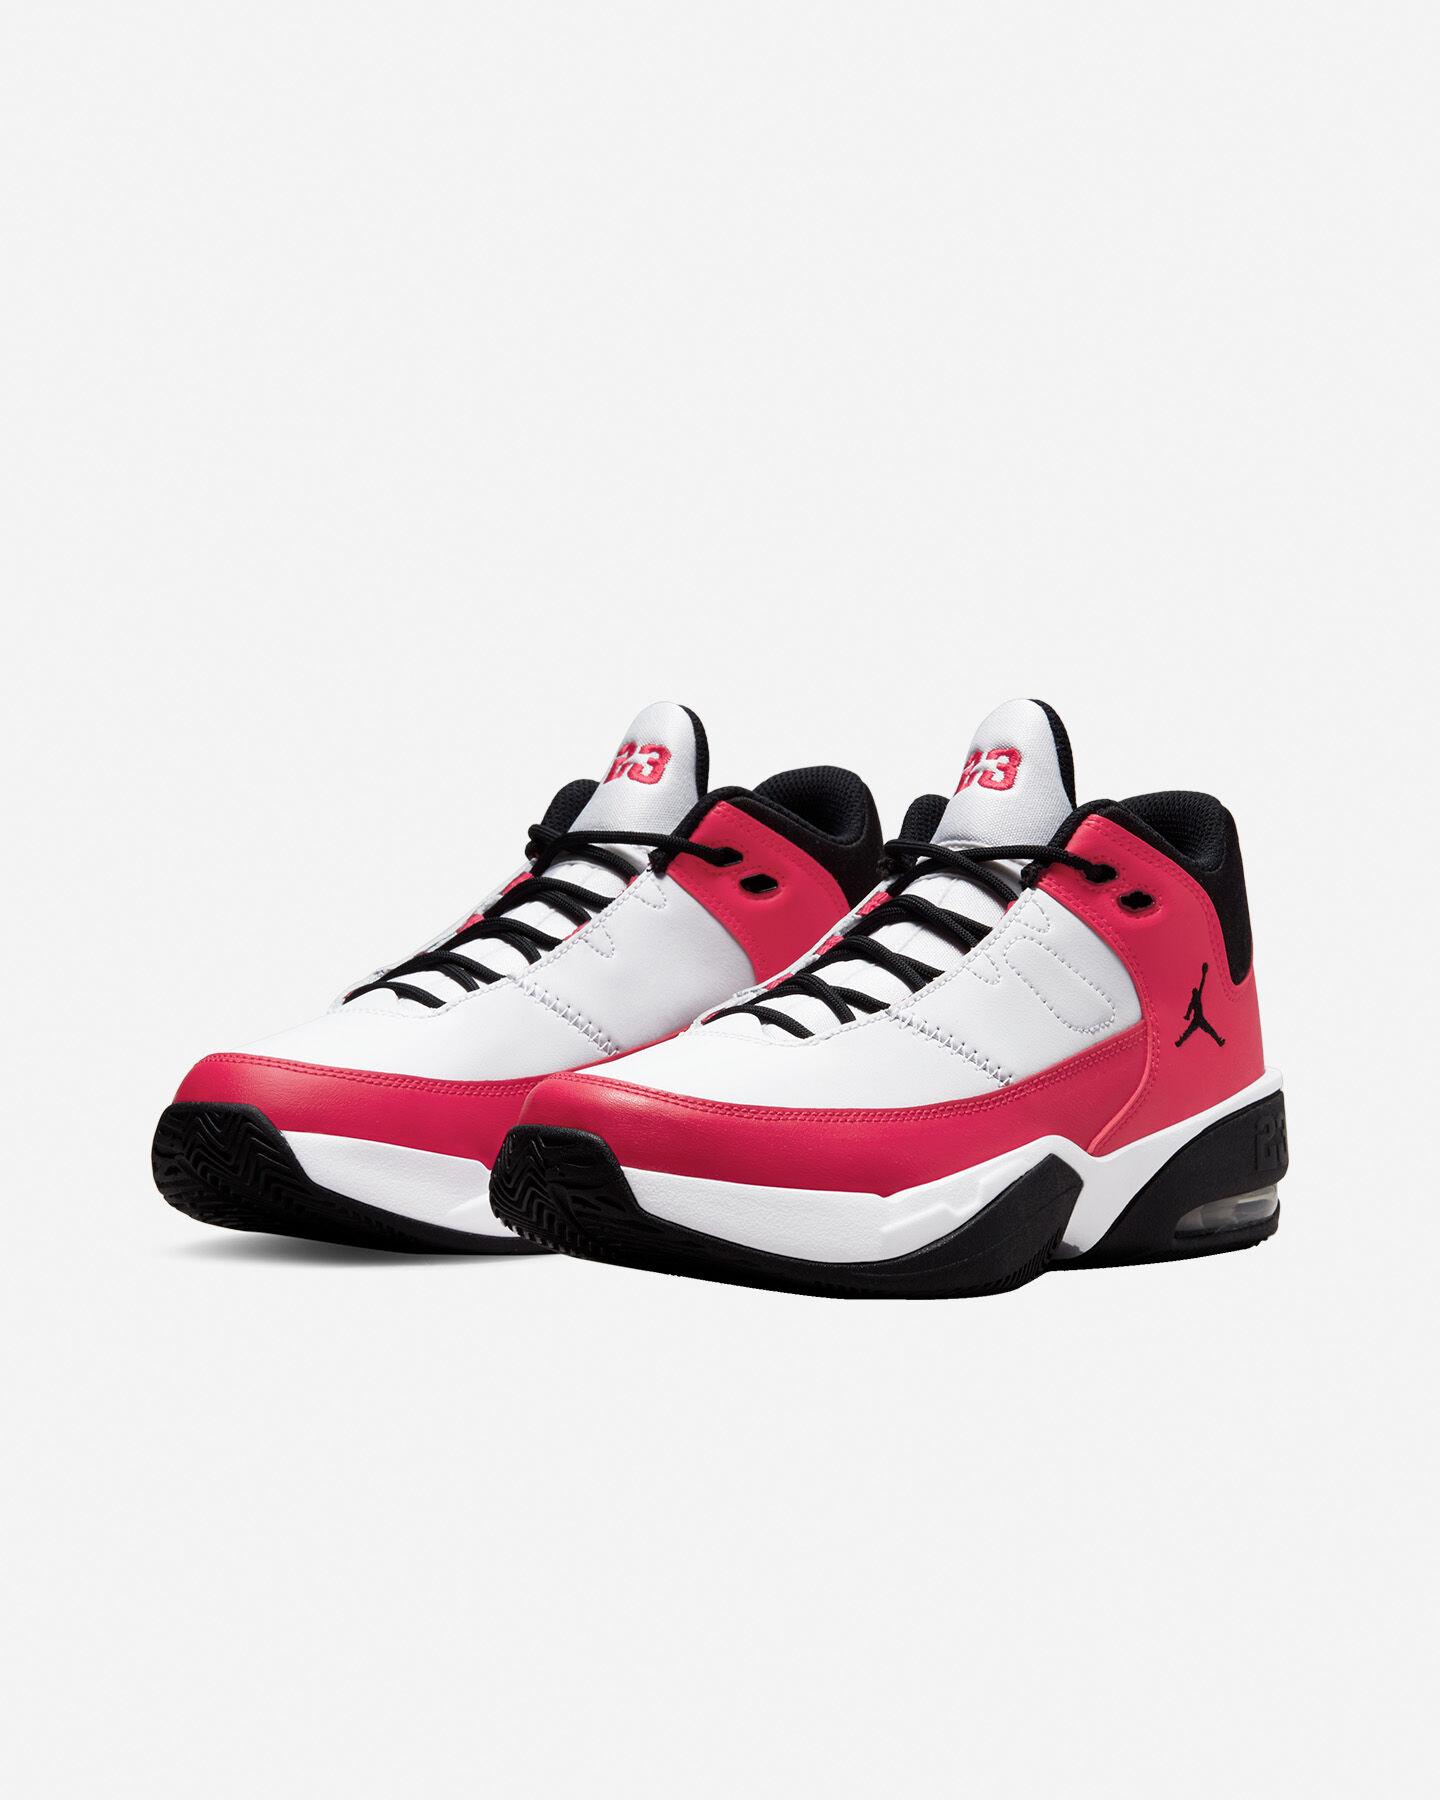 Scarpe sneakers NIKE JORDAN MAX AURA 3 GS JR S5318383 scatto 1